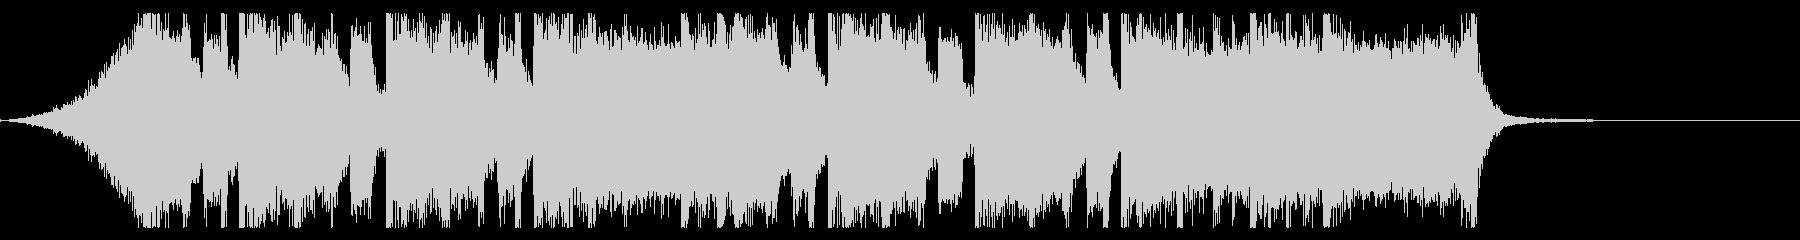 シンプルなメタル系のジングルの未再生の波形